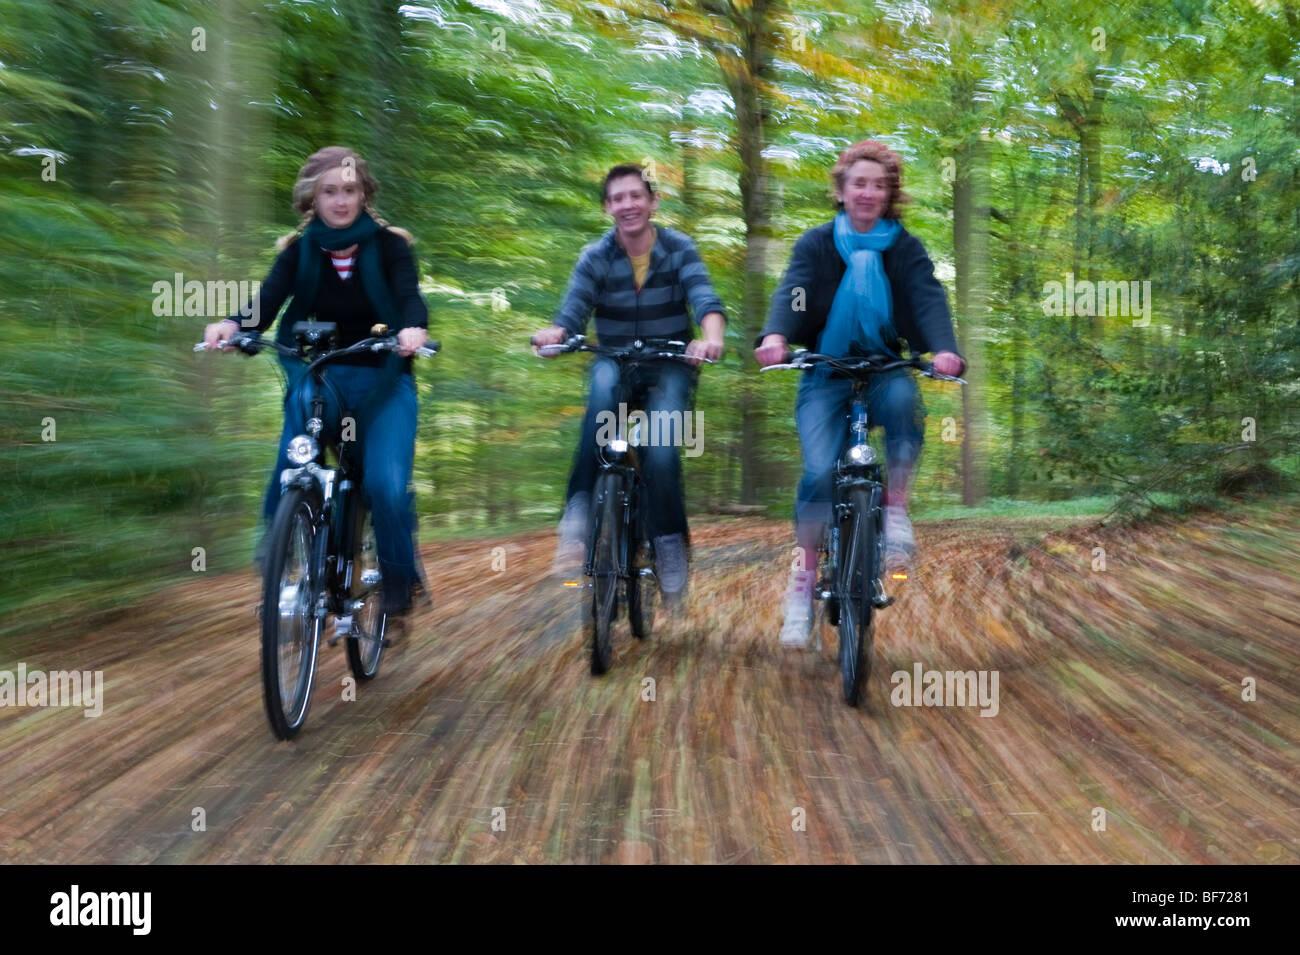 Tres adolescentes montar sus bicicletas eléctricas a lo largo de una pista forestal en otoño (motion blur) Foto de stock